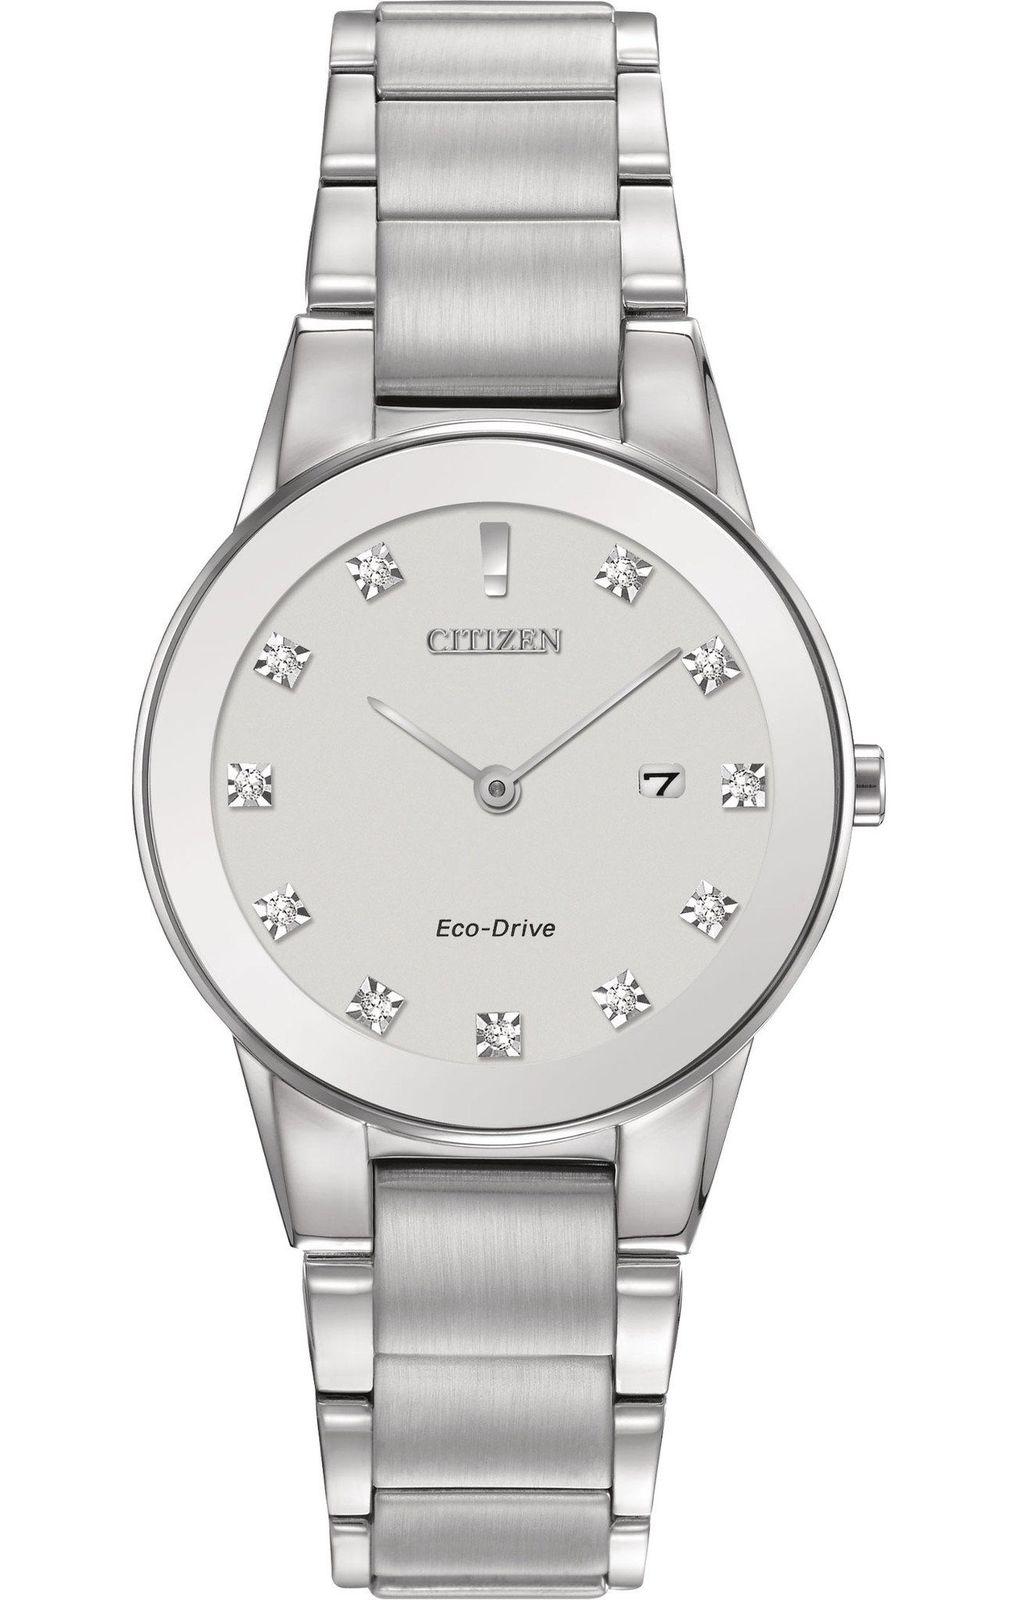 นาฬิกาผู้หญิง Citizen Eco-Drive รุ่น GA1050-51B, Axiom Silver Dial Ladies Watch